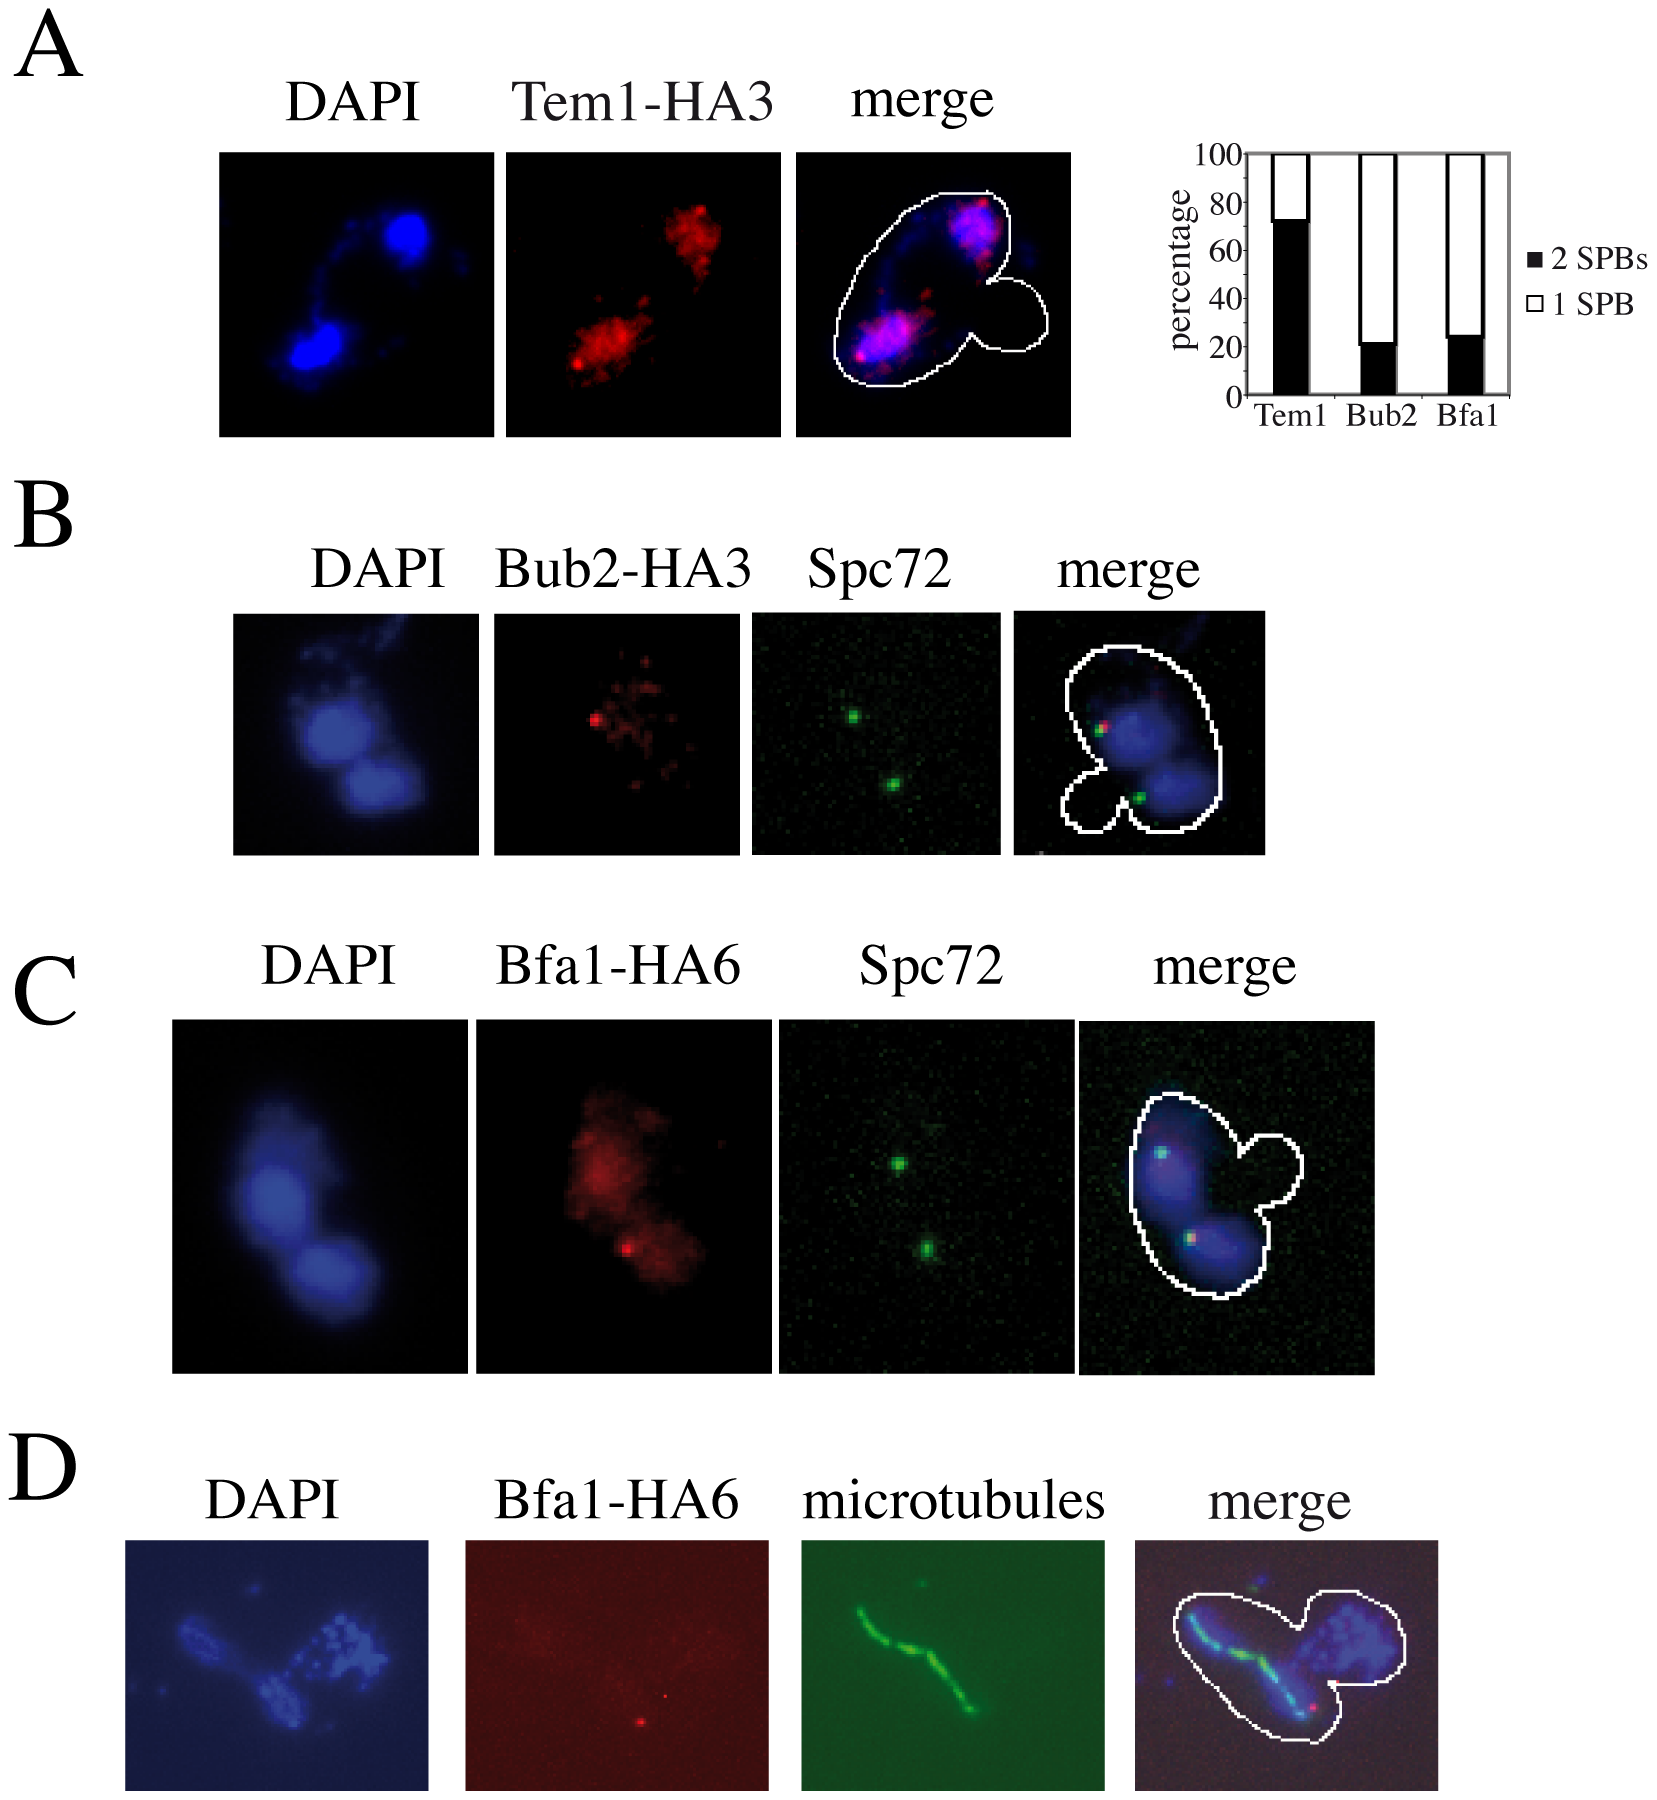 Asymmetric SPB localization of Bub2/Bfa1 in <i>dma1Δ dma2Δ cla4-75 swe1Δ</i> cells with mispositioned spindle.